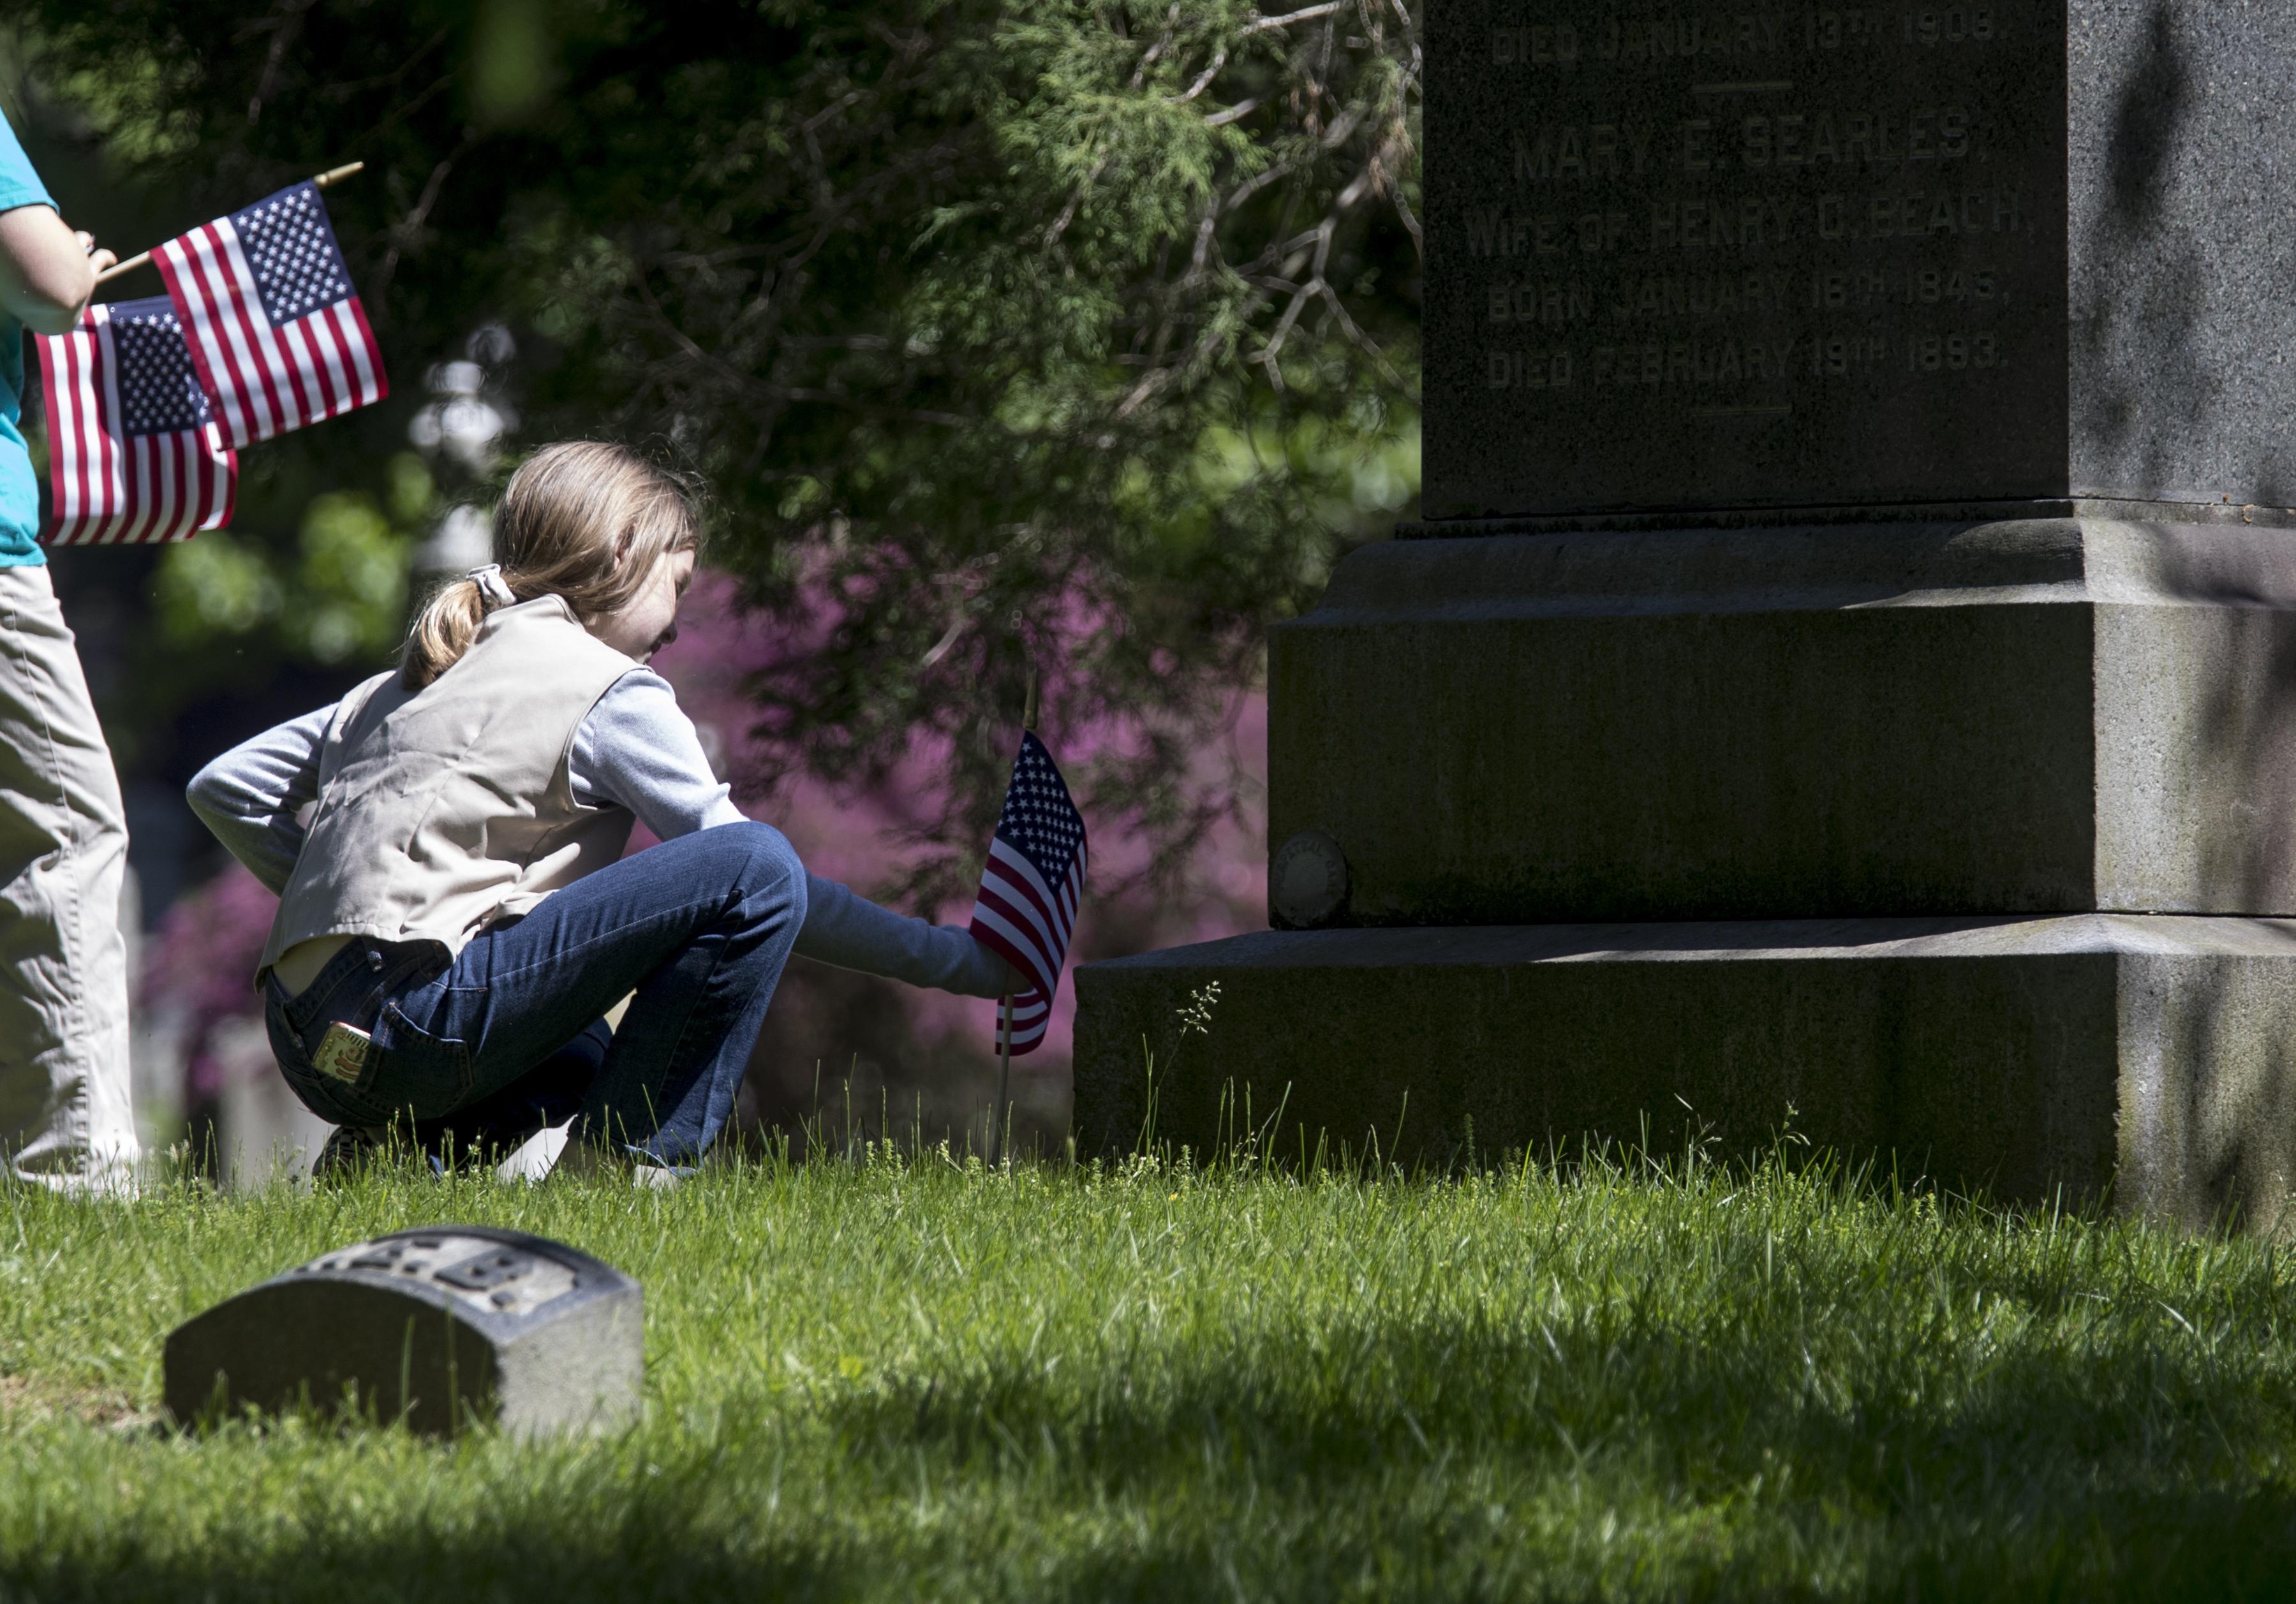 فتاة تضع الزهور على مقبرة عسكري أميركي في نيويورك قضى في الحرب العالمية الثانية